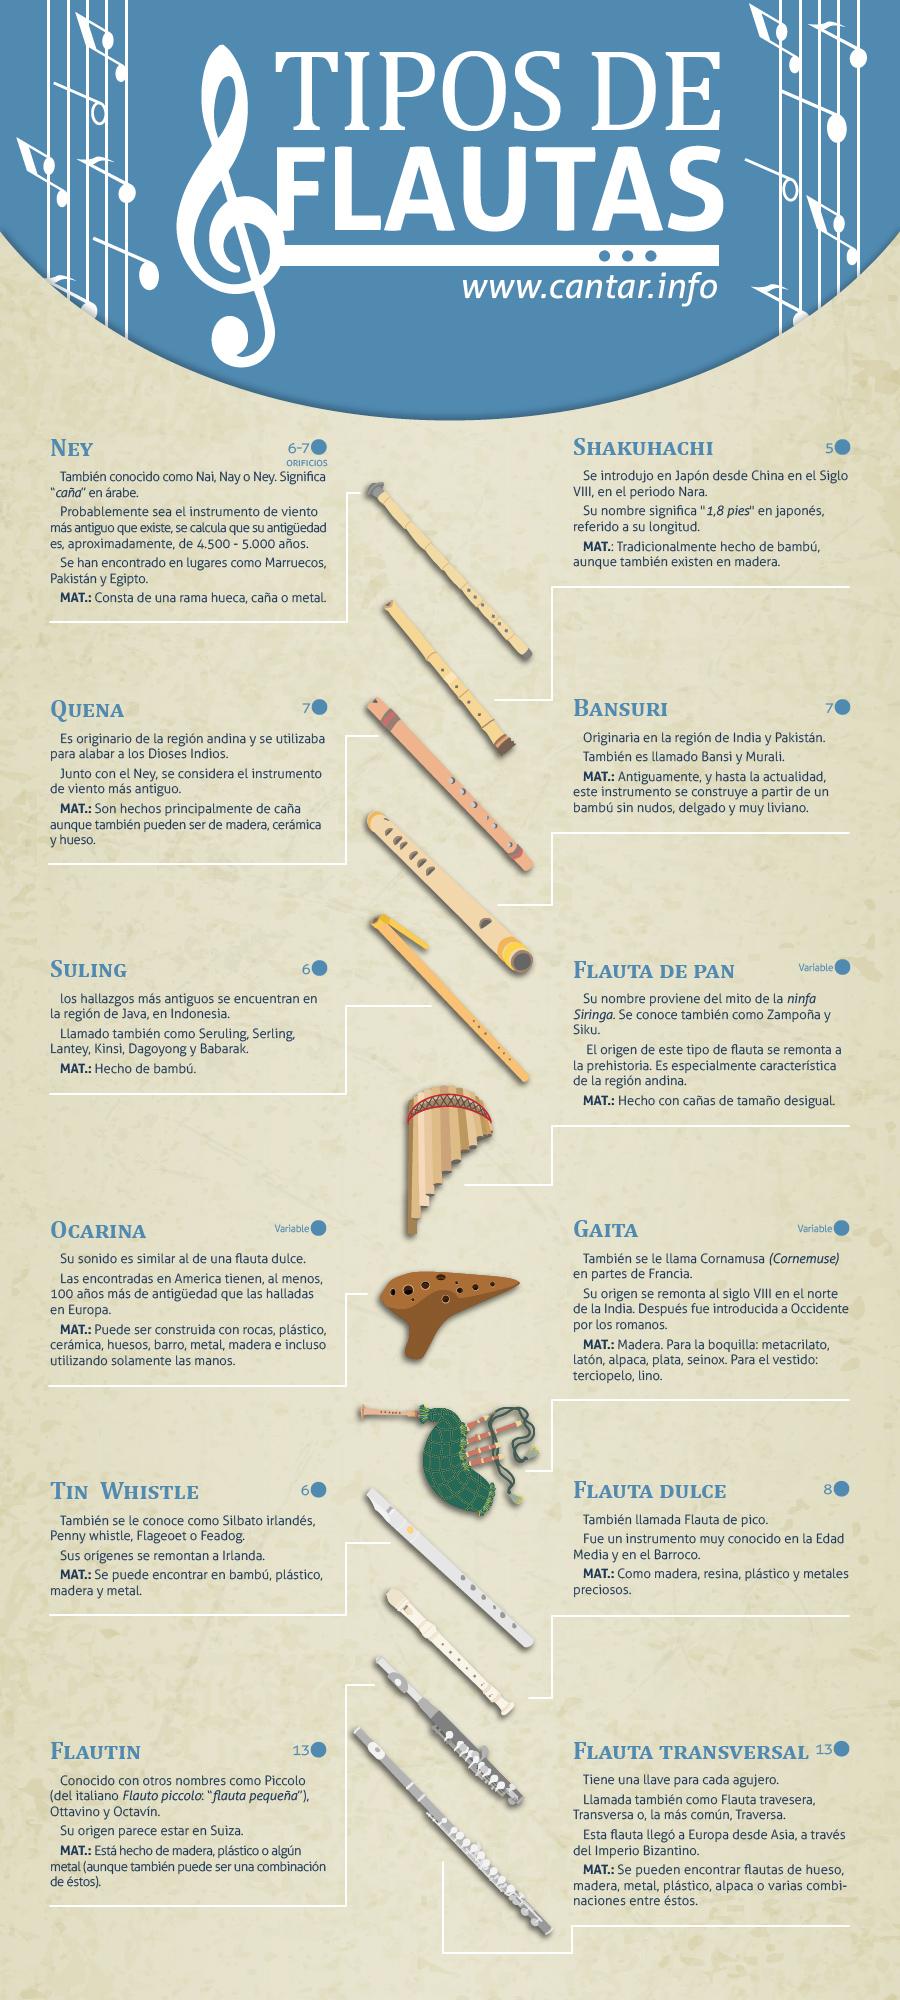 infografía-tipos-de-flautas